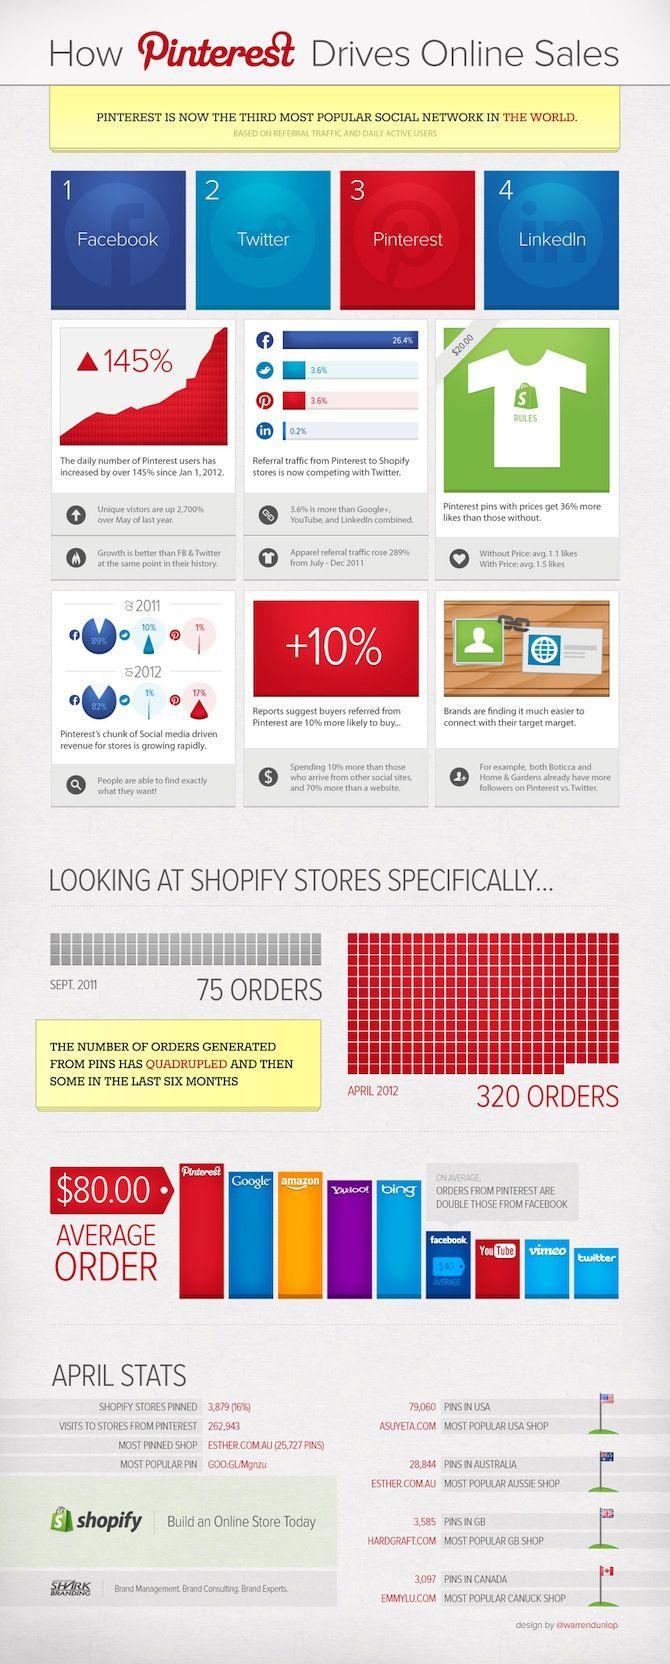 Pinterest Marketing - How Pinterest Drives Ecommerce Sales